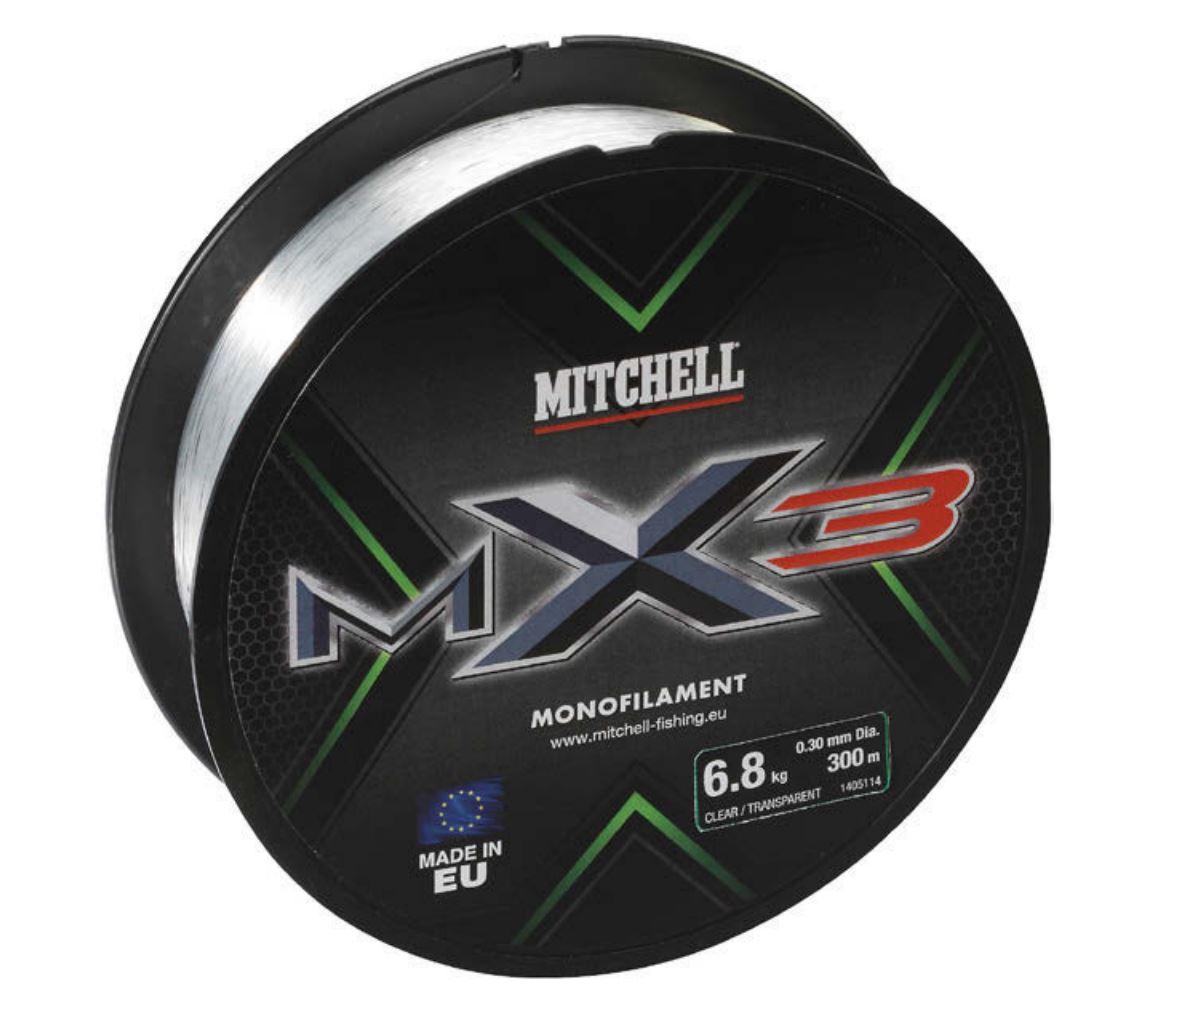 Wer eine preiswerte Schnur zum Angeln auf Forelle sucht, der sollte sich mal die Mitchell MX3 genauer anschauen